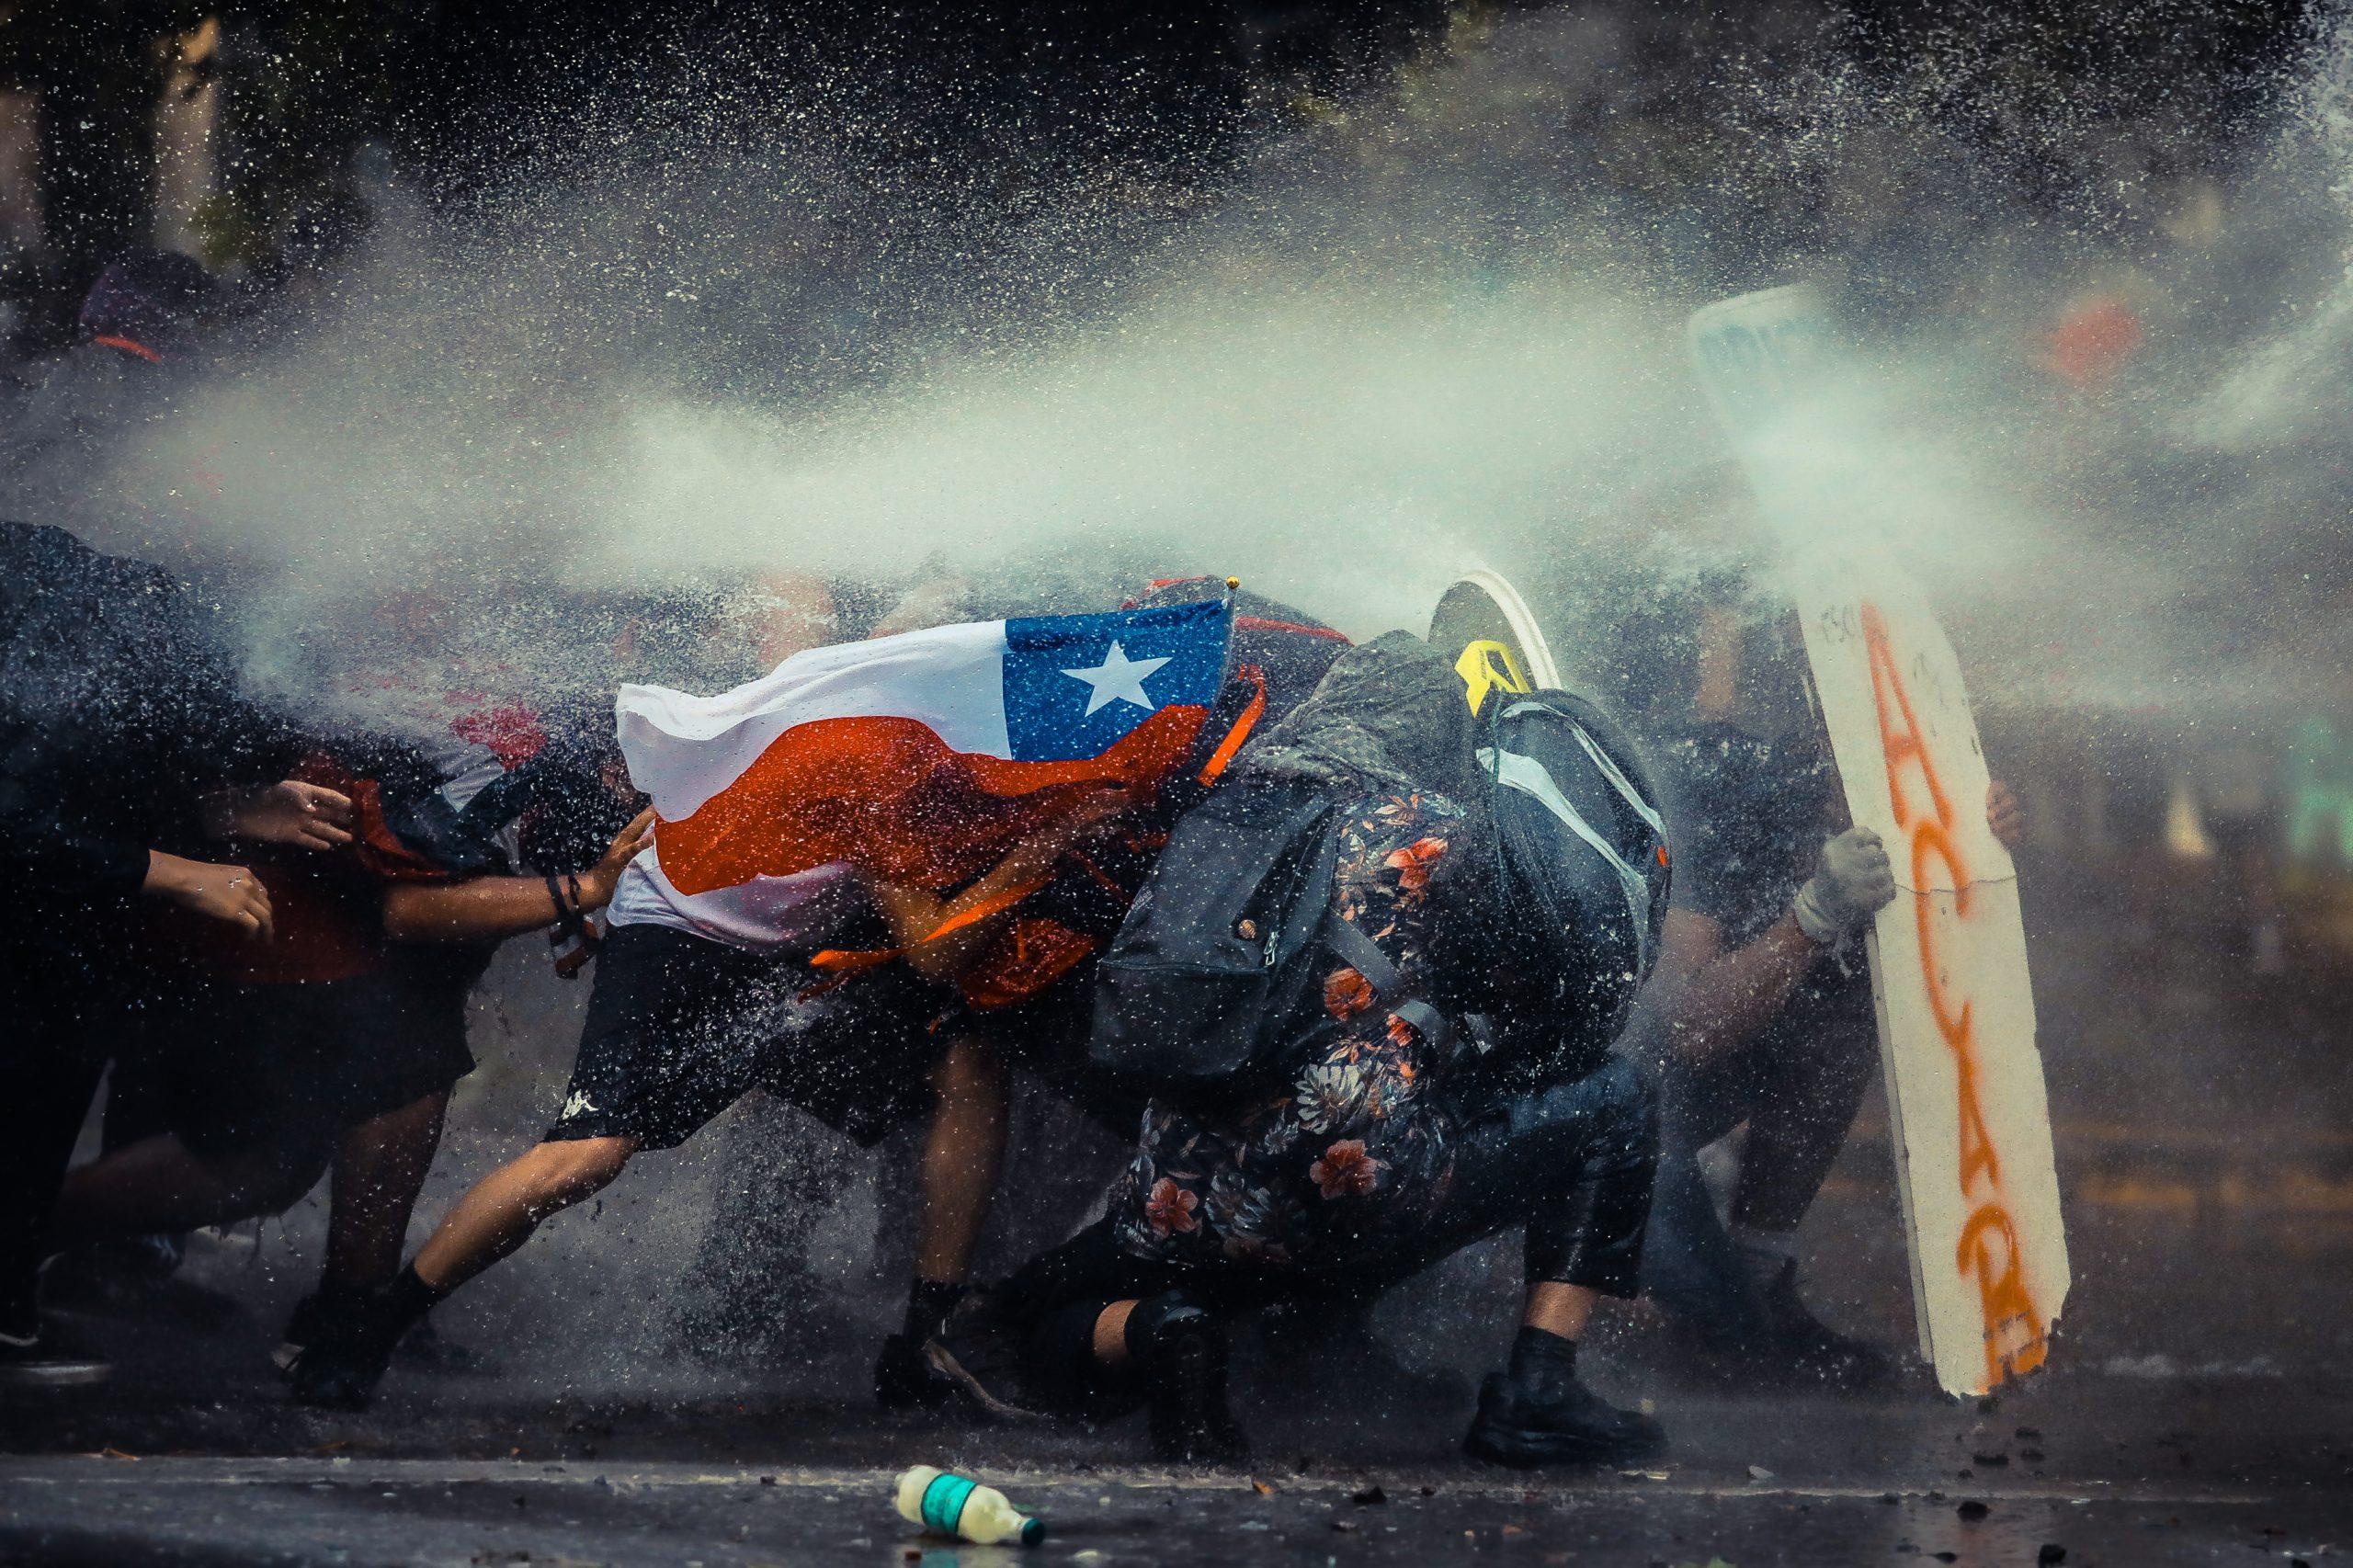 Fotografia documentaria a colori di Javier Vergara dei manifestanti cileni a Santiago, Cile, l'11 novembre 2020